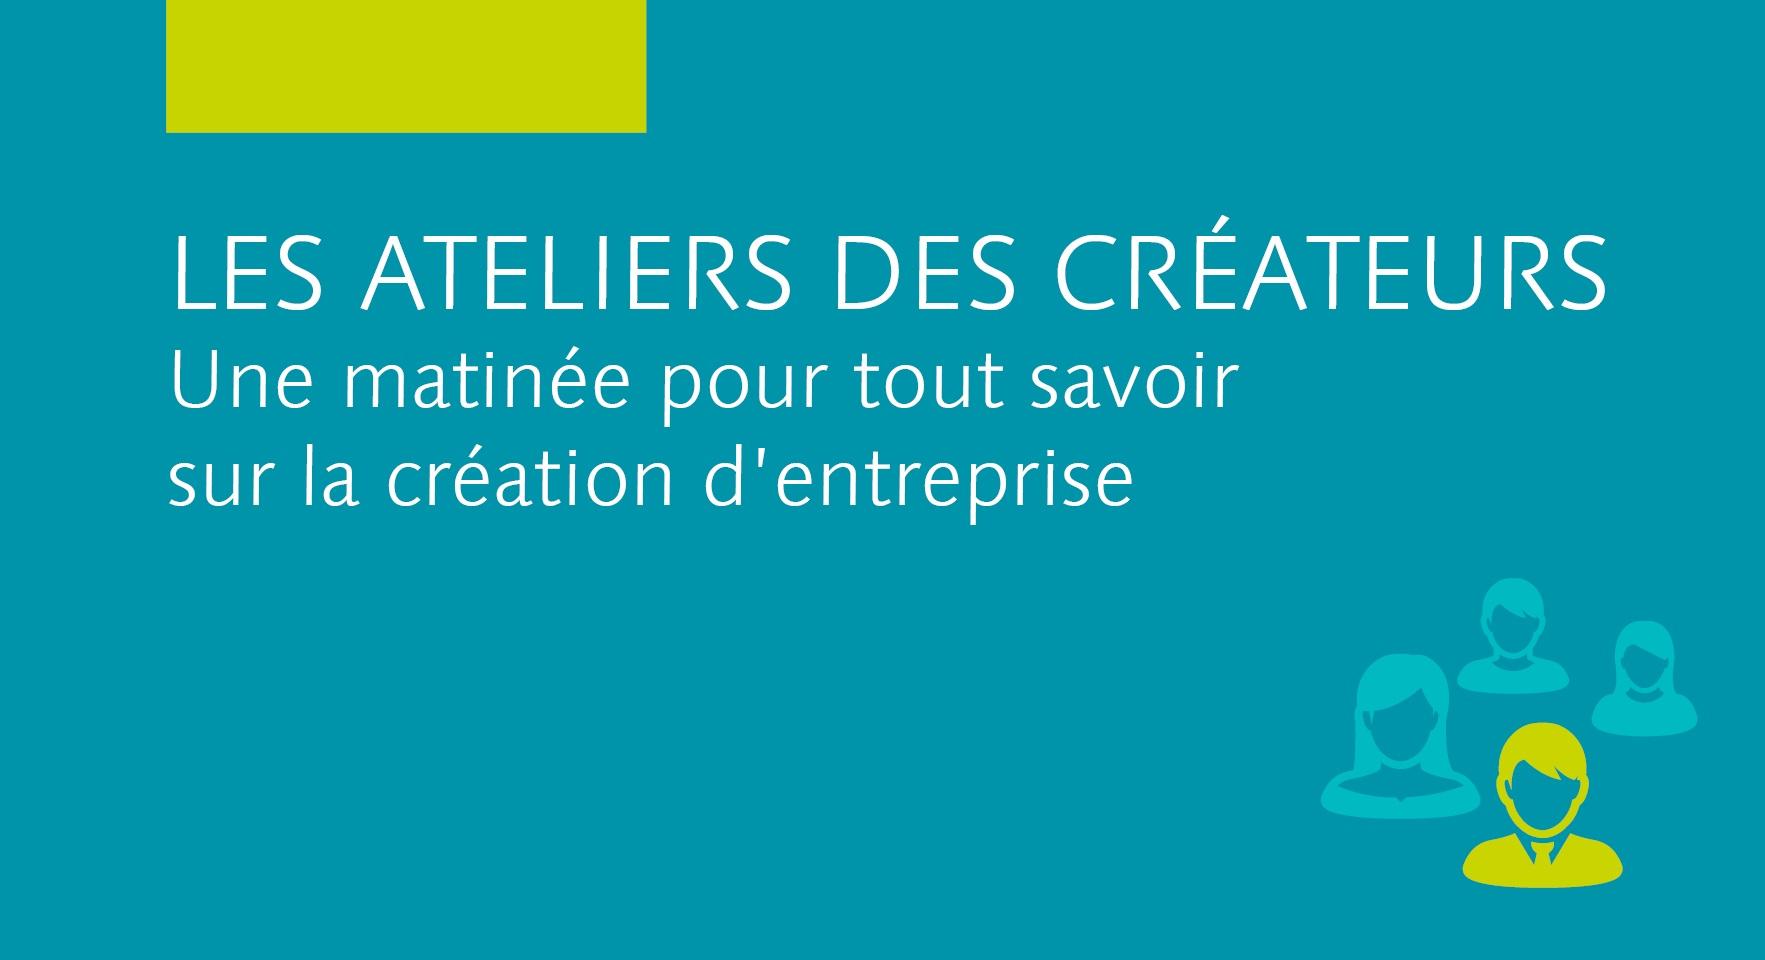 Ateliers des Créateurs (avril 2020) - ANNULE